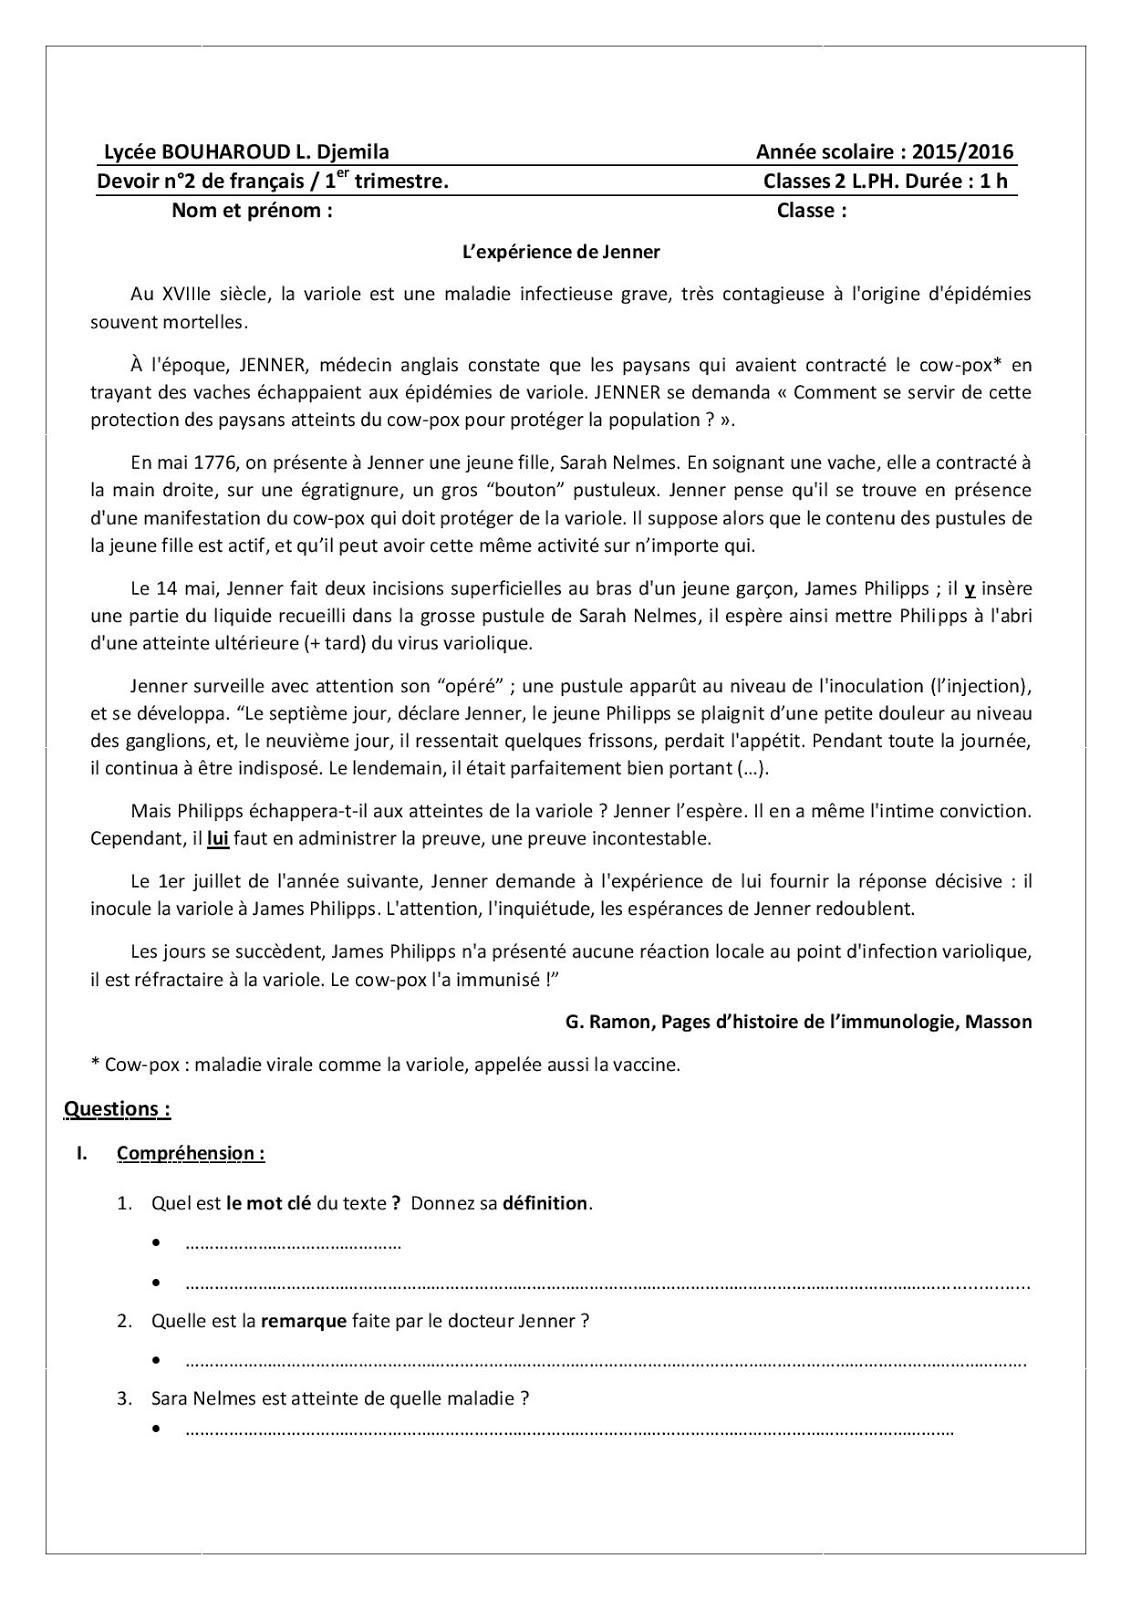 ختبار اللغة الفرنسية للسنة الثانية ثانوي